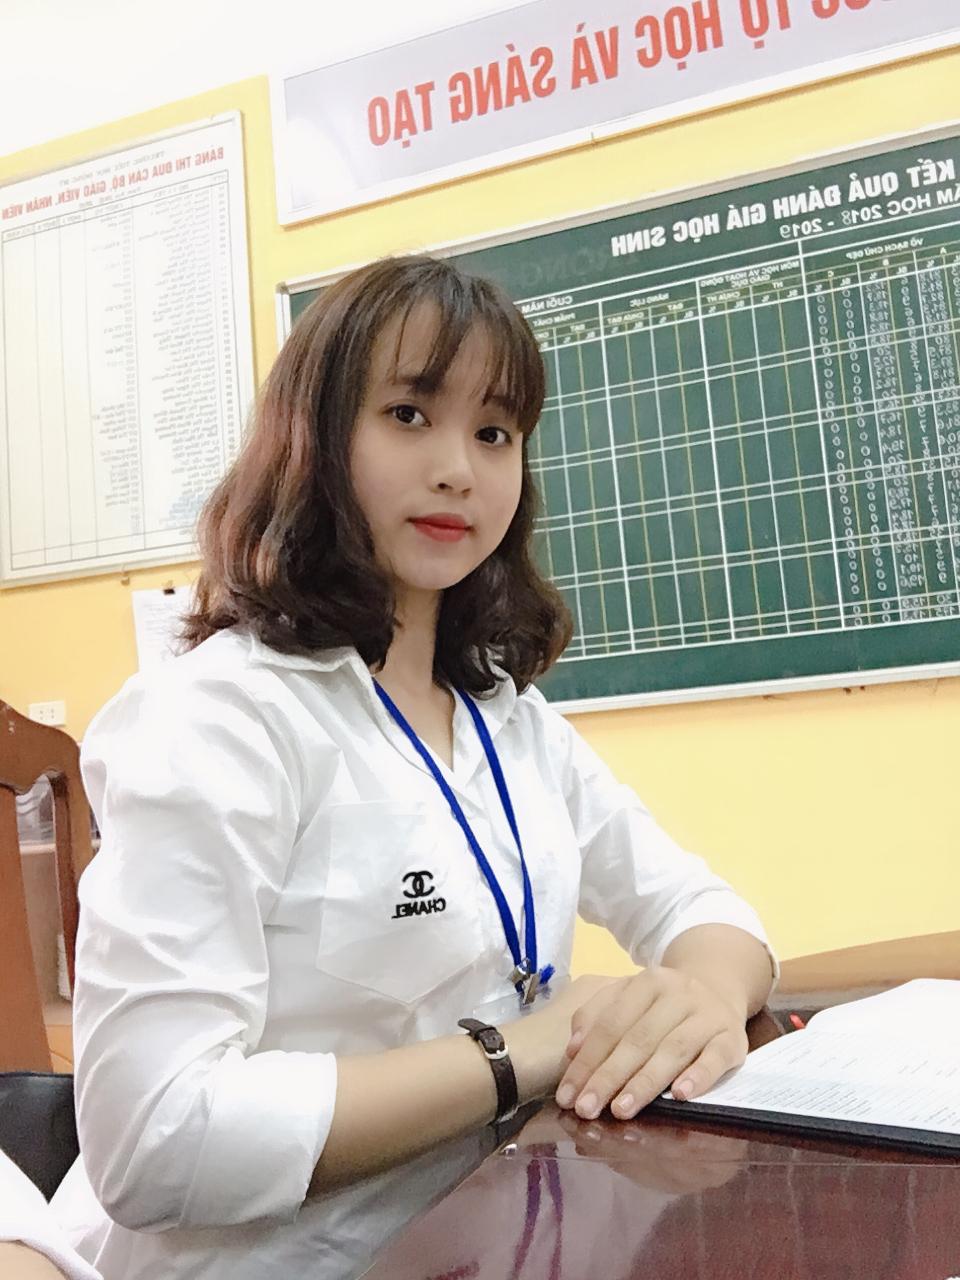 Ngô Thu Hà (1999 - CĐ Sư phạm Hà Tây)